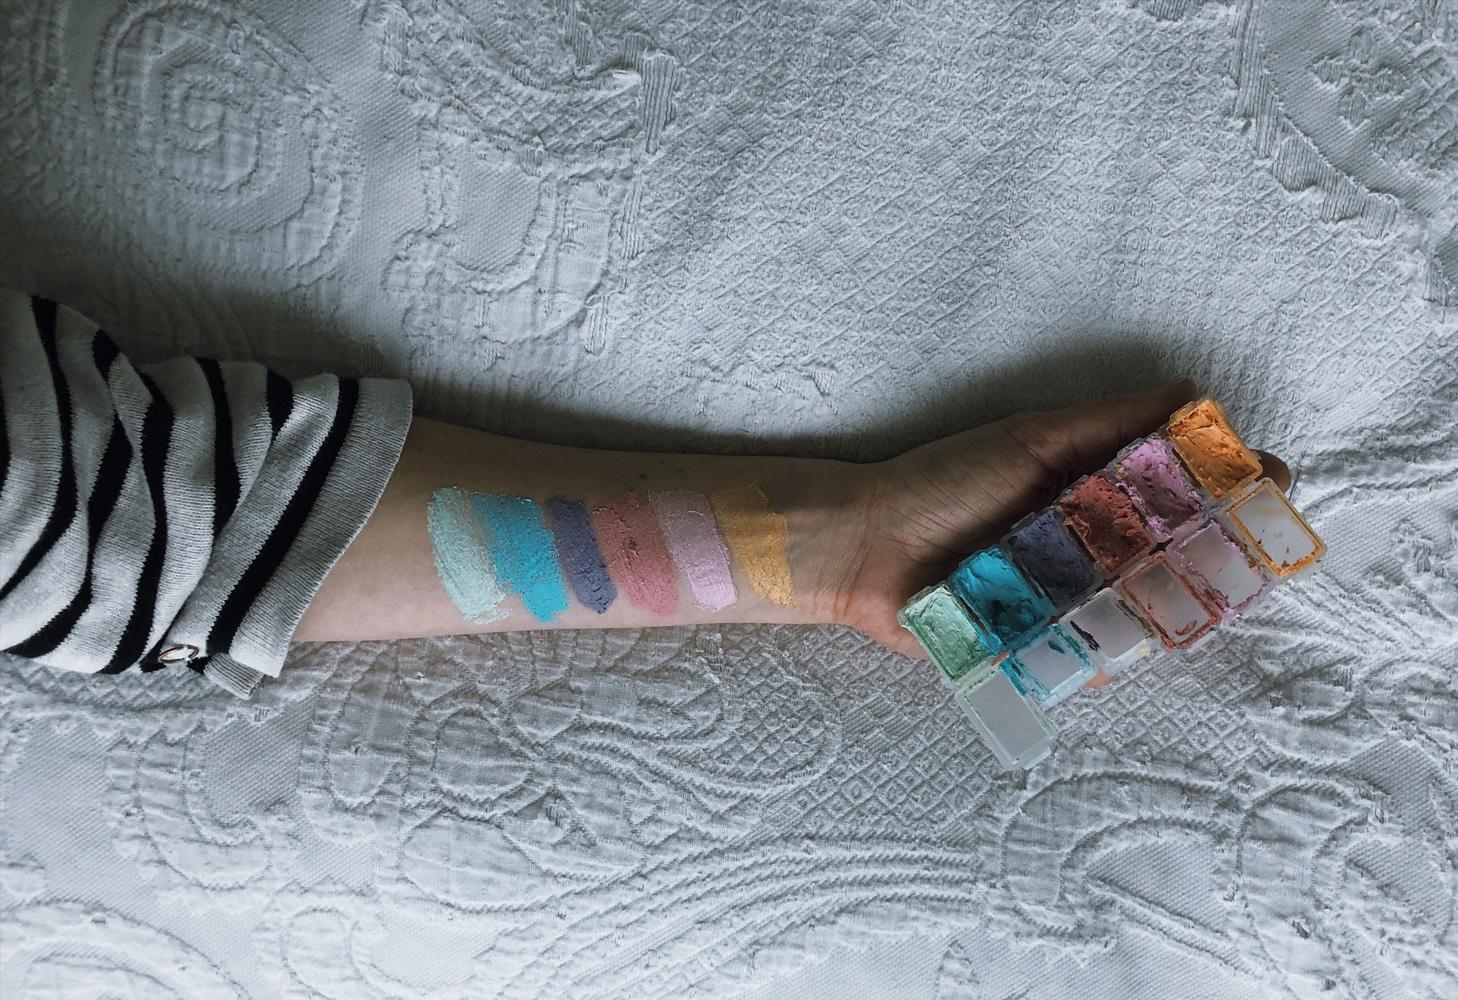 coffeeDIY Kinderschminke unbedenklich diy rezept farben hautvertraeglich titel - DIY   hautverträgliche Kinderschminke einfach selbstgemacht